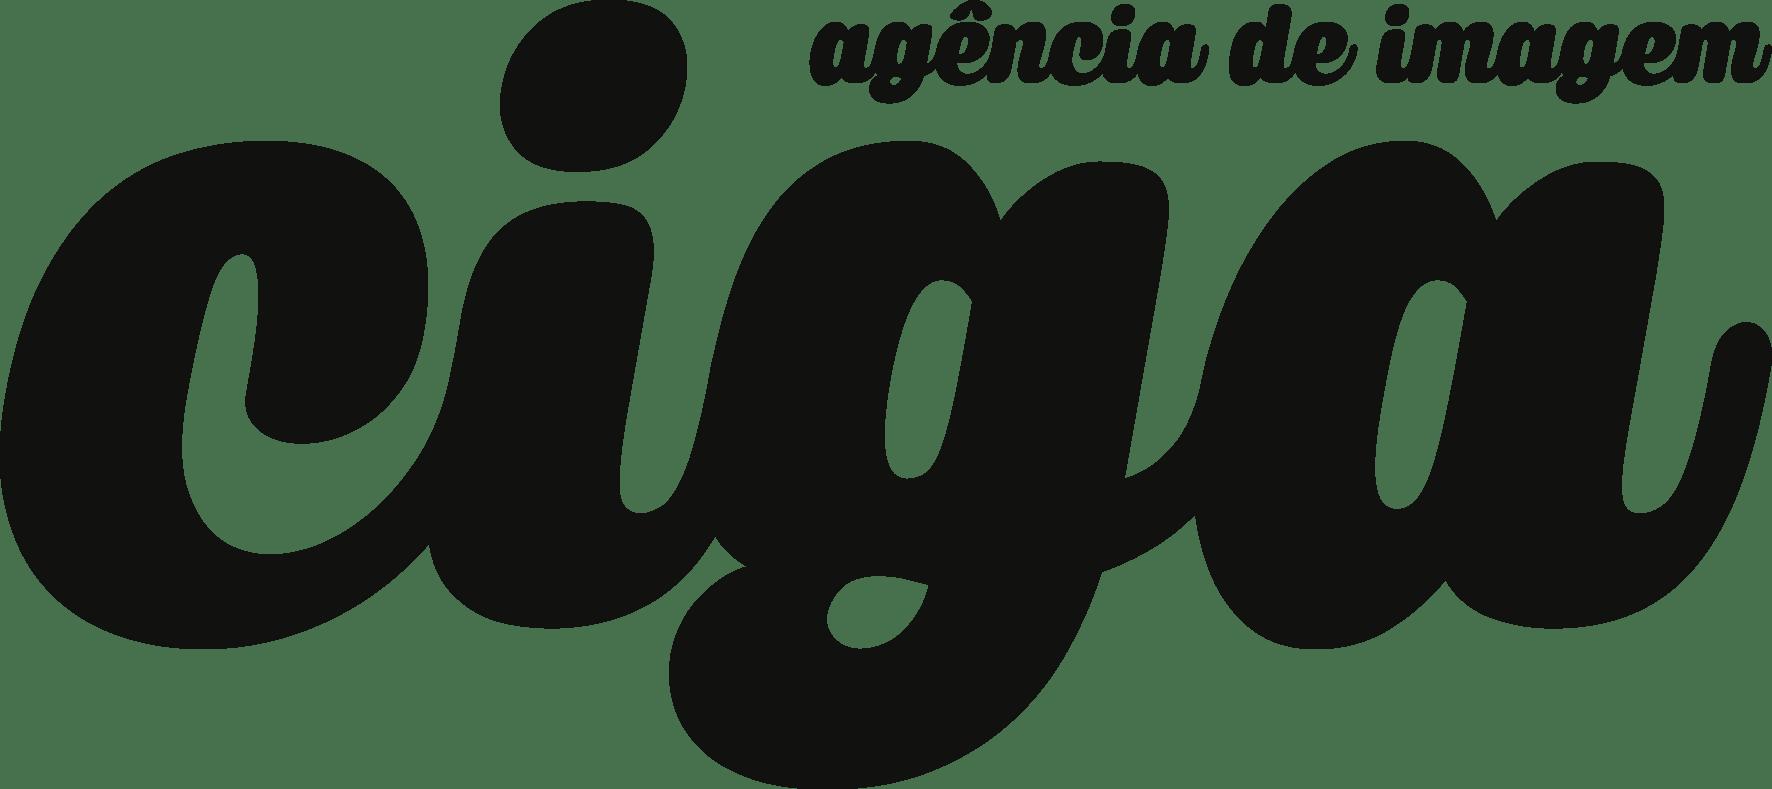 CIGA - Agencia de Imagem